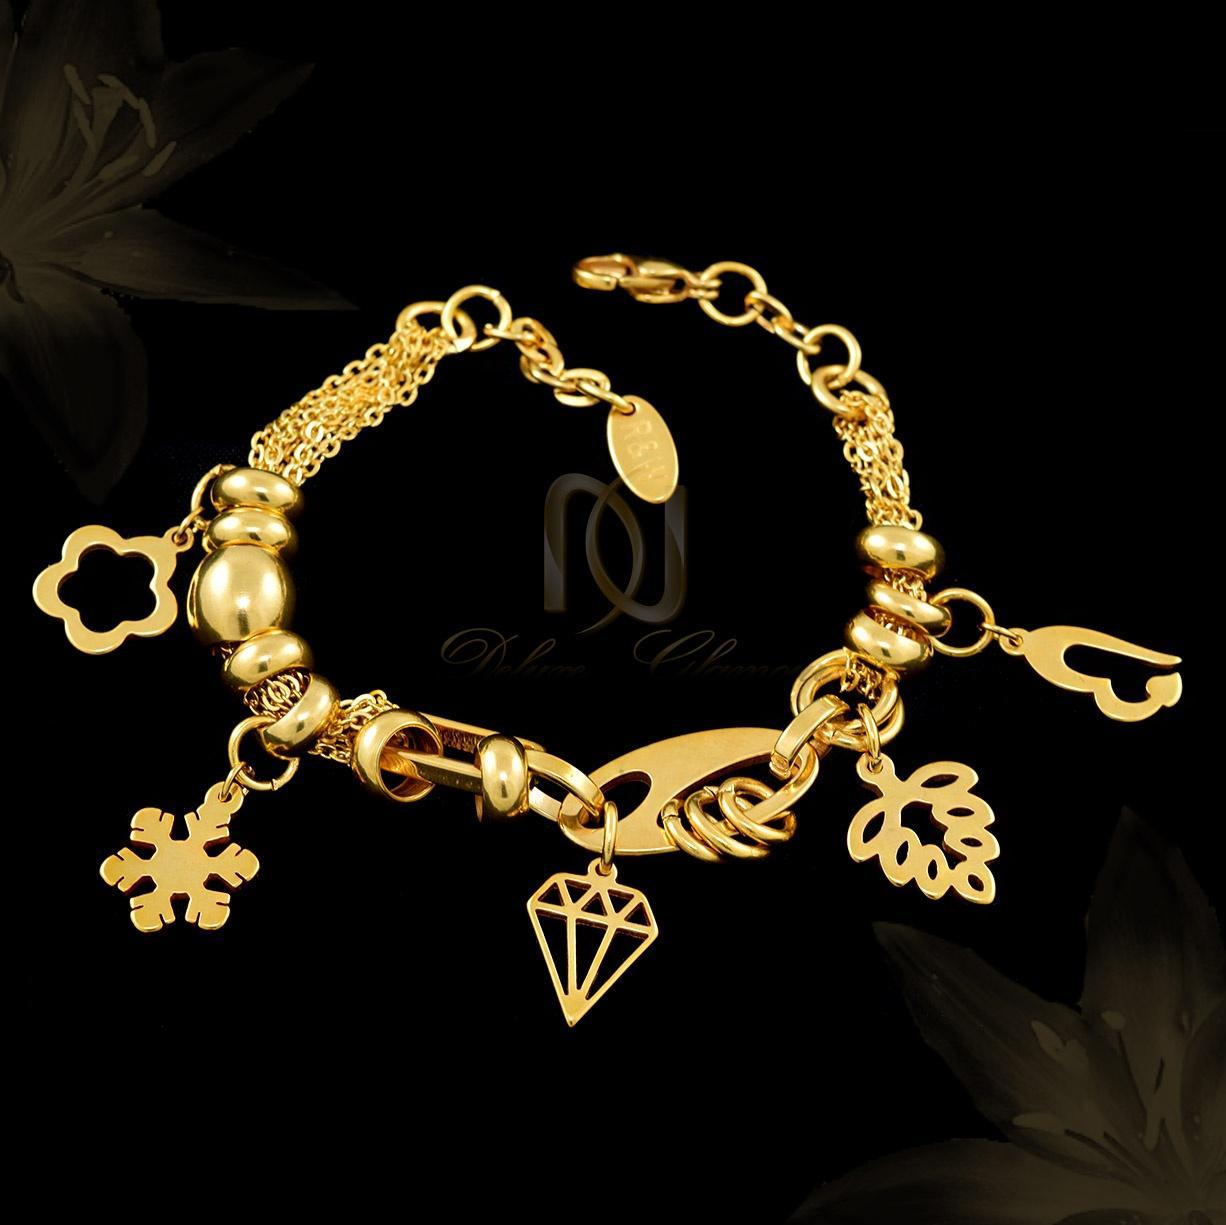 دستبند زنانه استیل آویزدار طلایی ds-n288